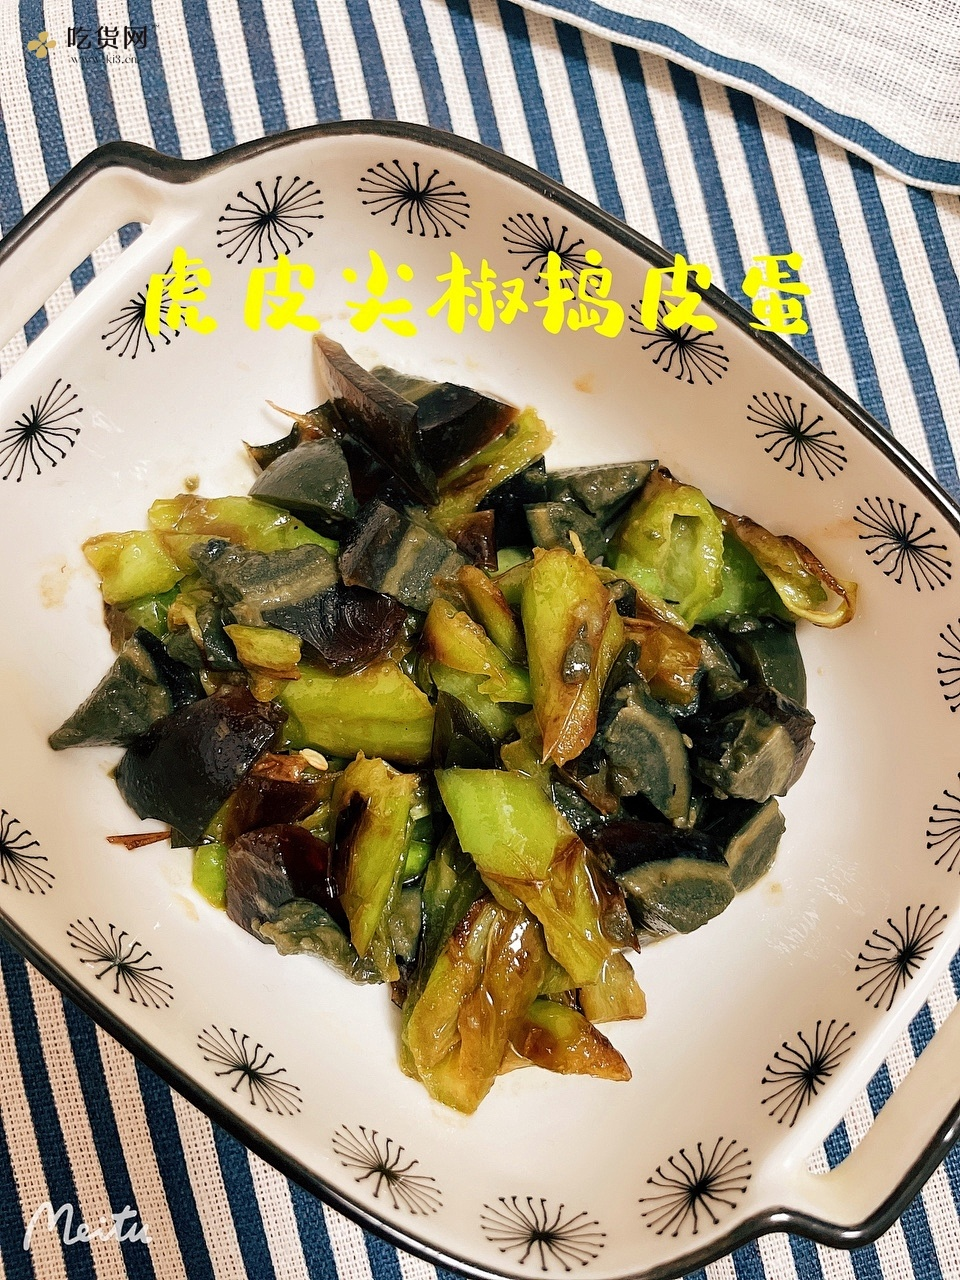 厨房小白菜谱‼️虎皮尖椒擂皮蛋❗️的做法 步骤6